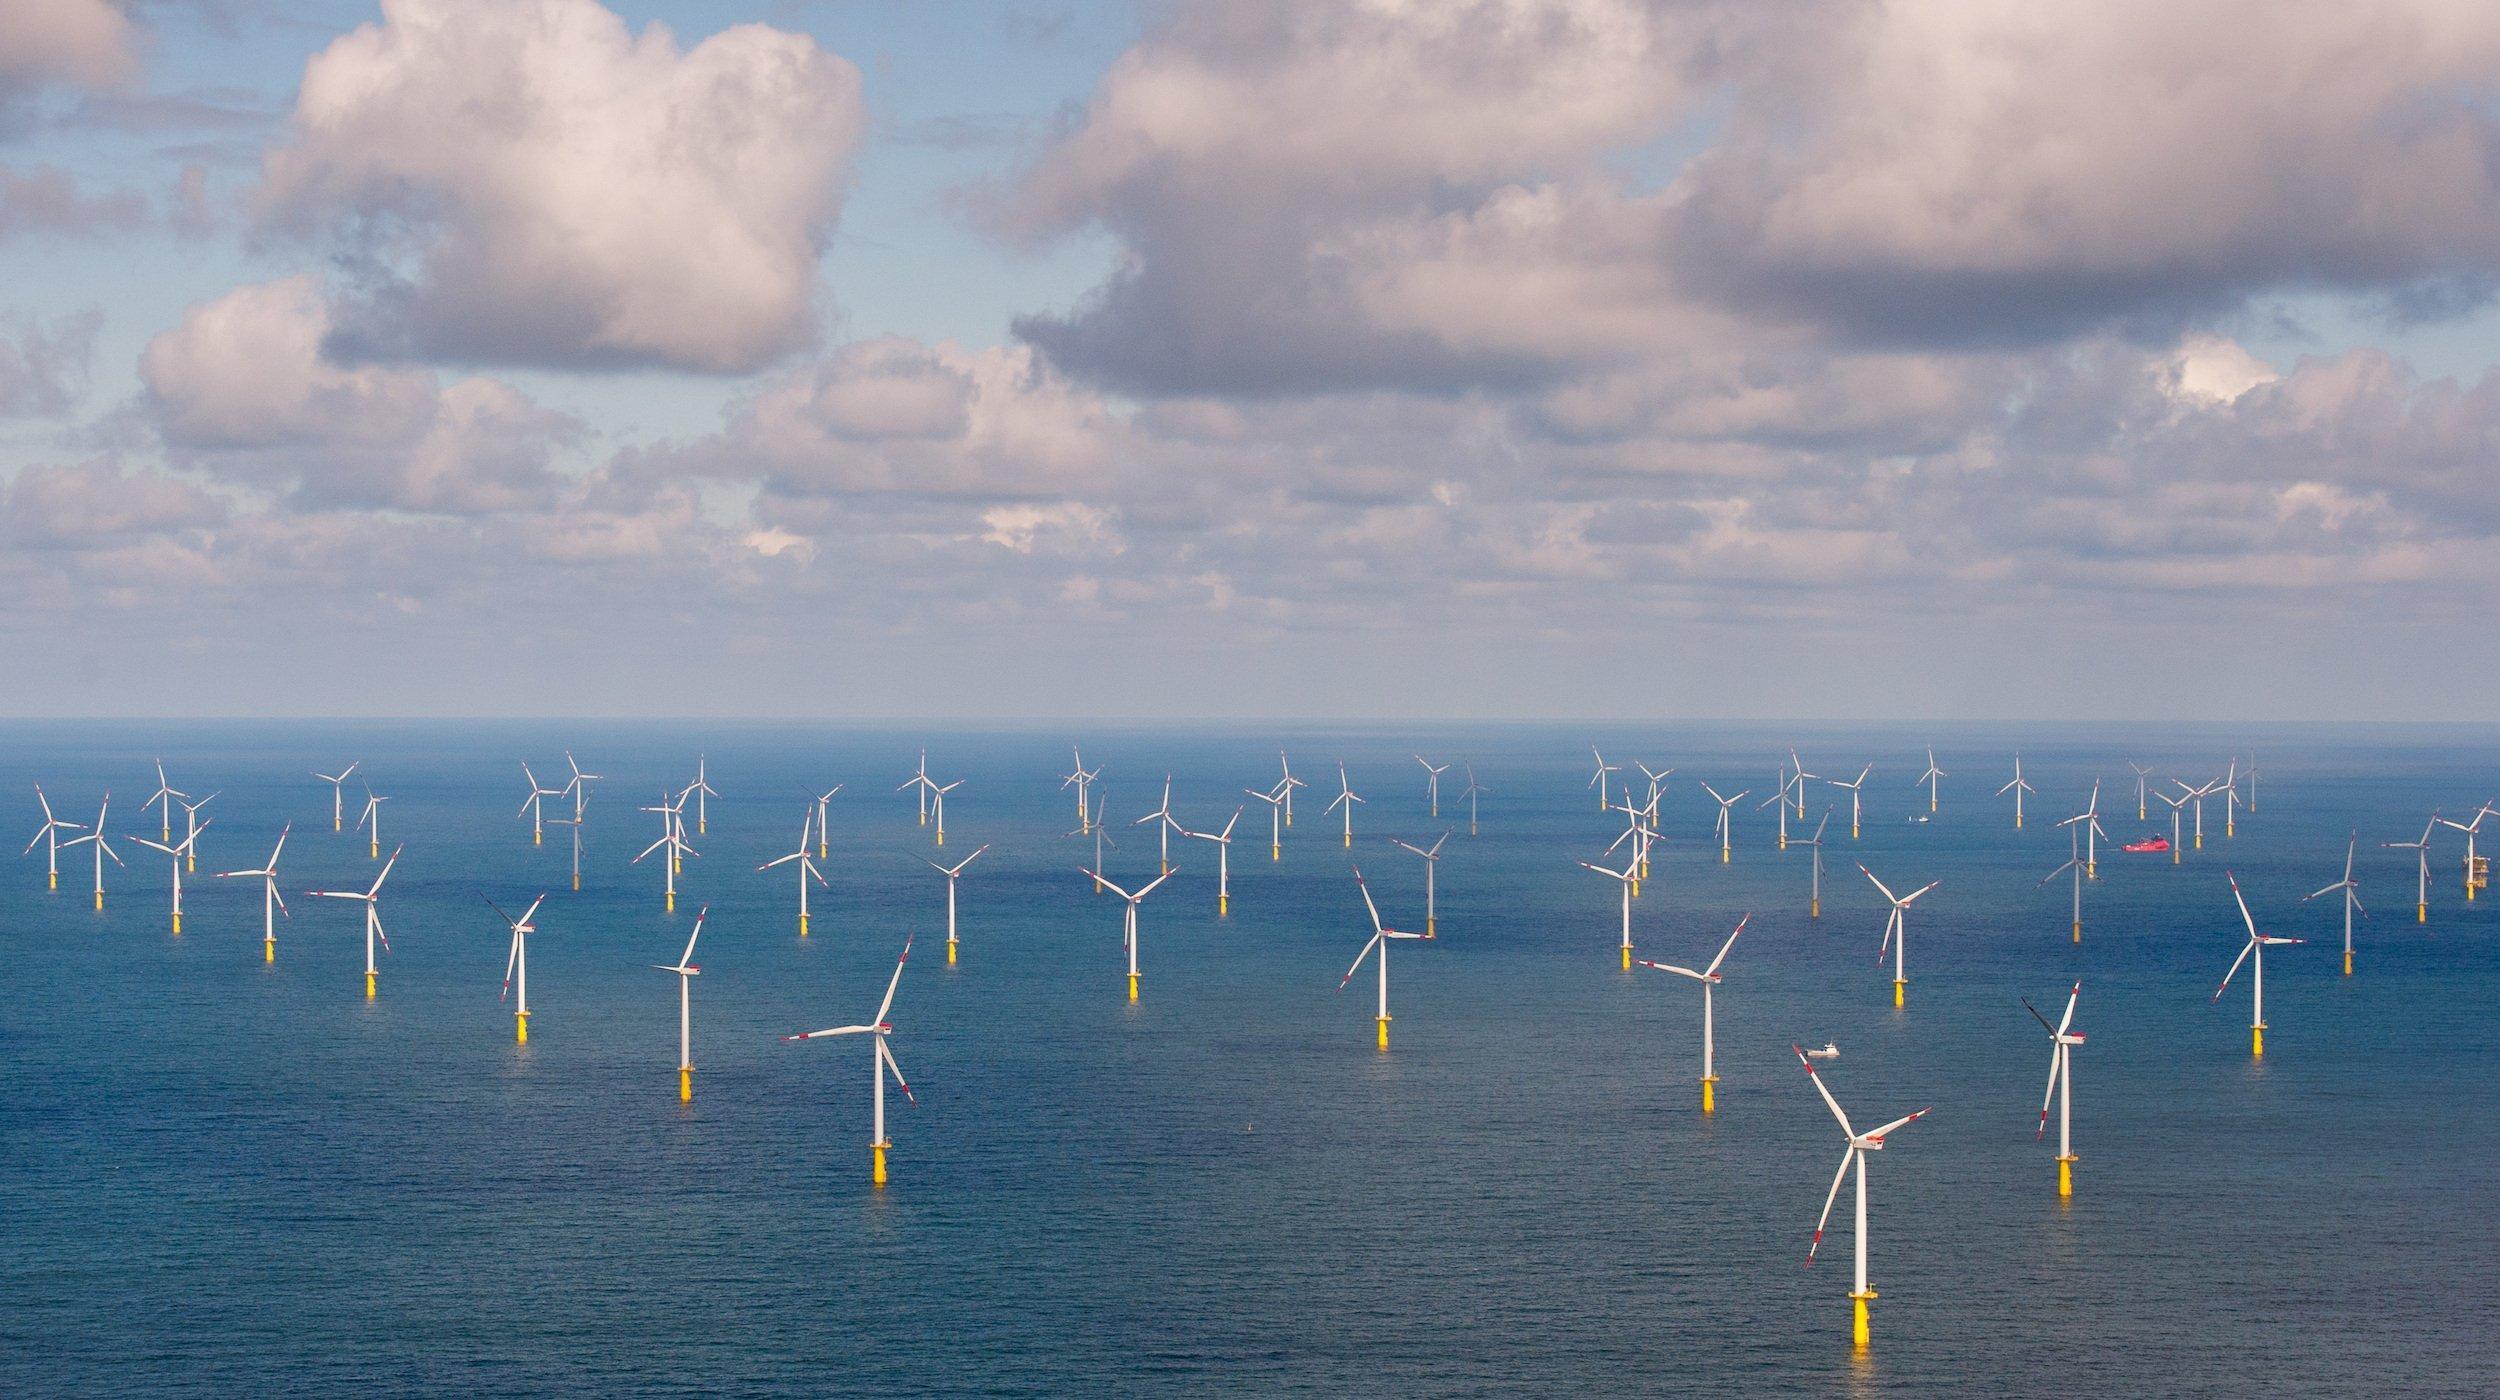 Windräder stehen in Reih und Glied im Meer bei Sylt